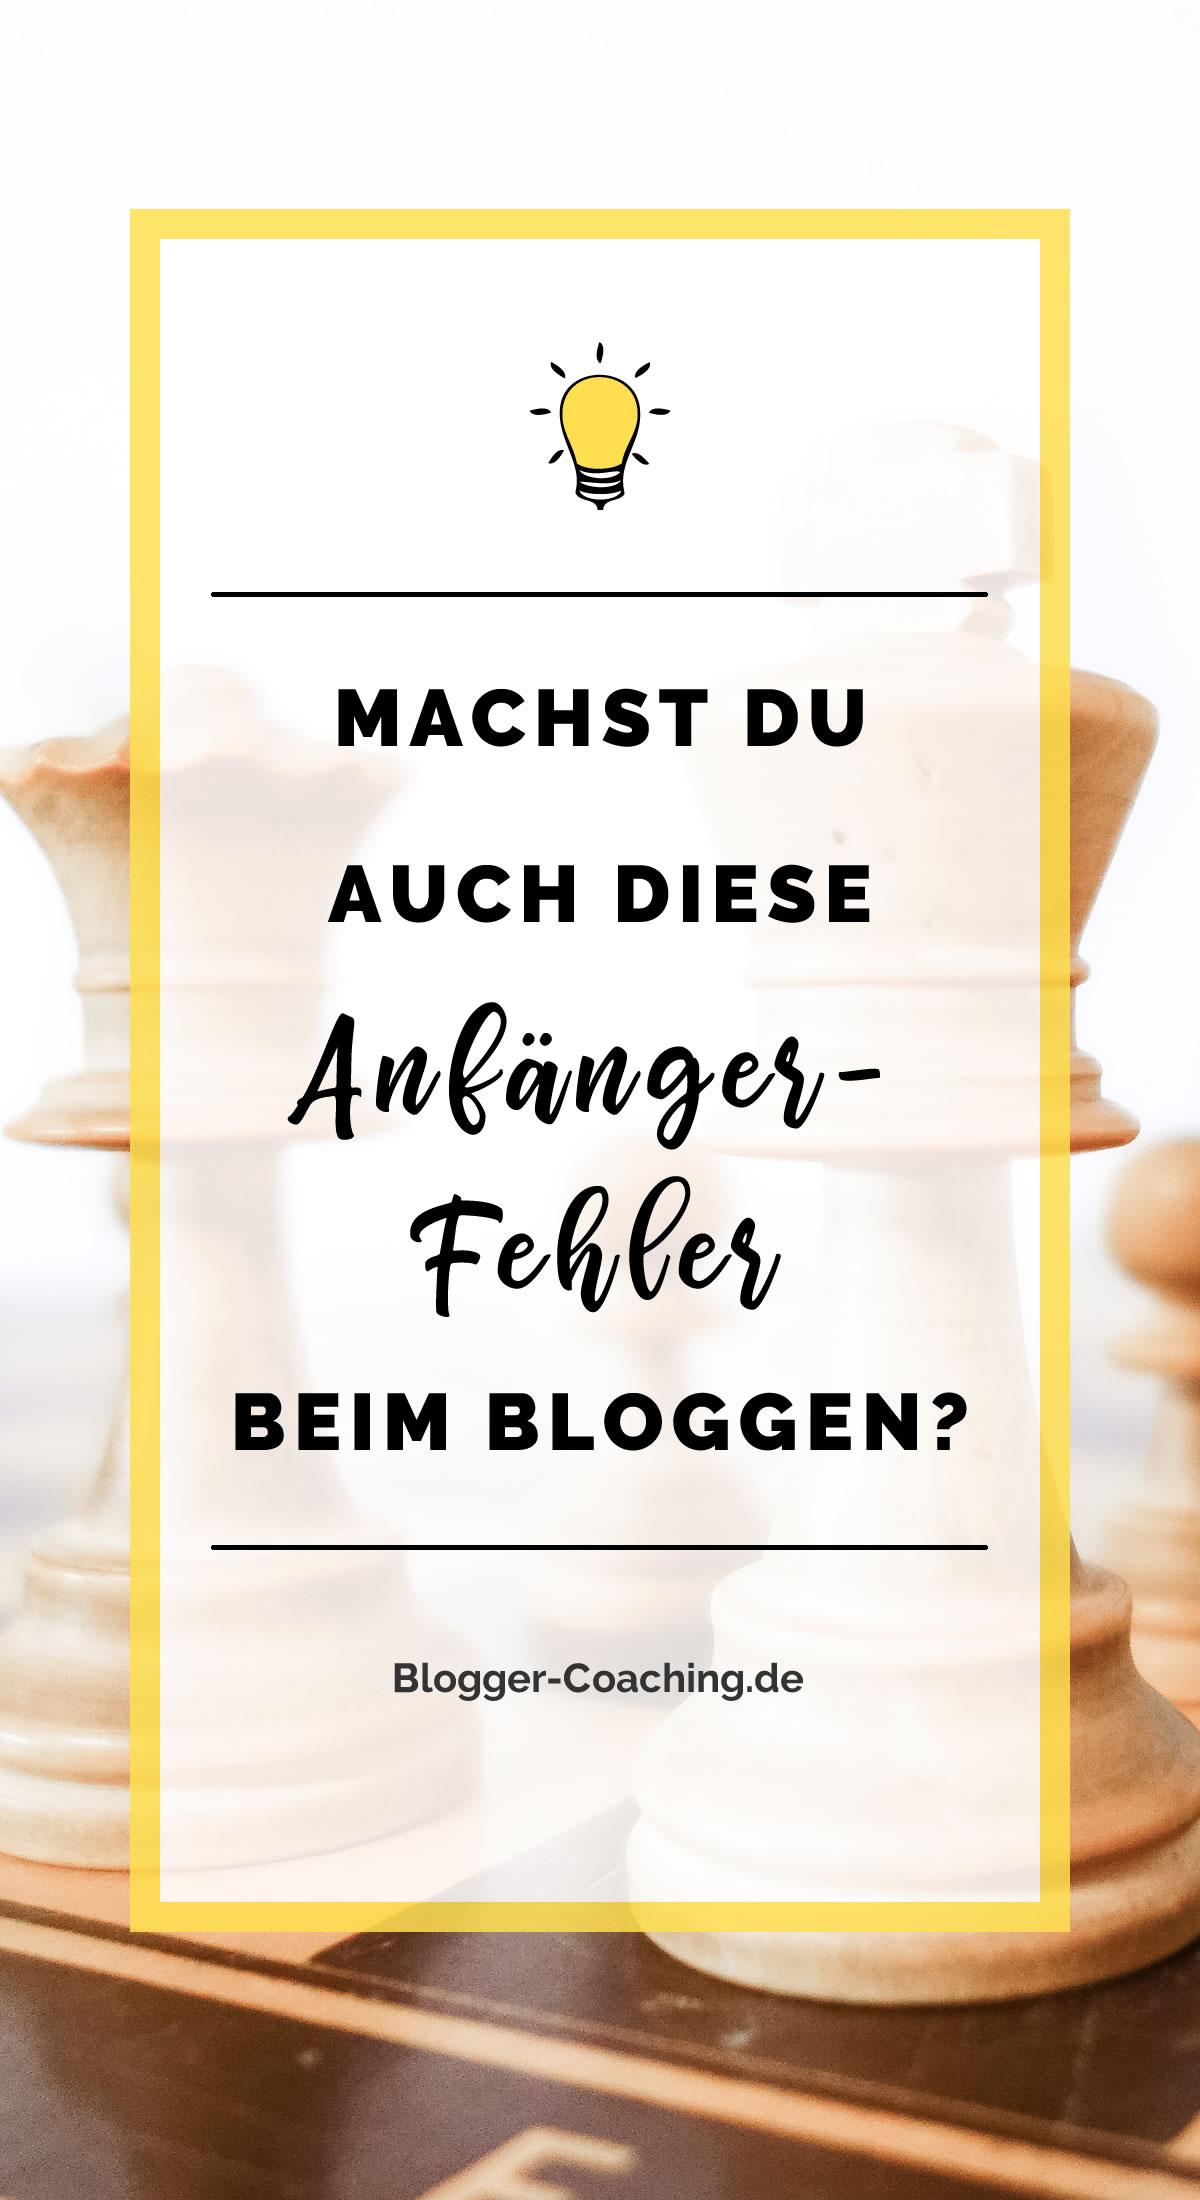 6 Anfängerfehler beim Bloggen und wie du sie vermeidest 3/3 | Blogger-Coaching.de - Erfolgreich bloggen & Geld verdienen #erfolg #blogger